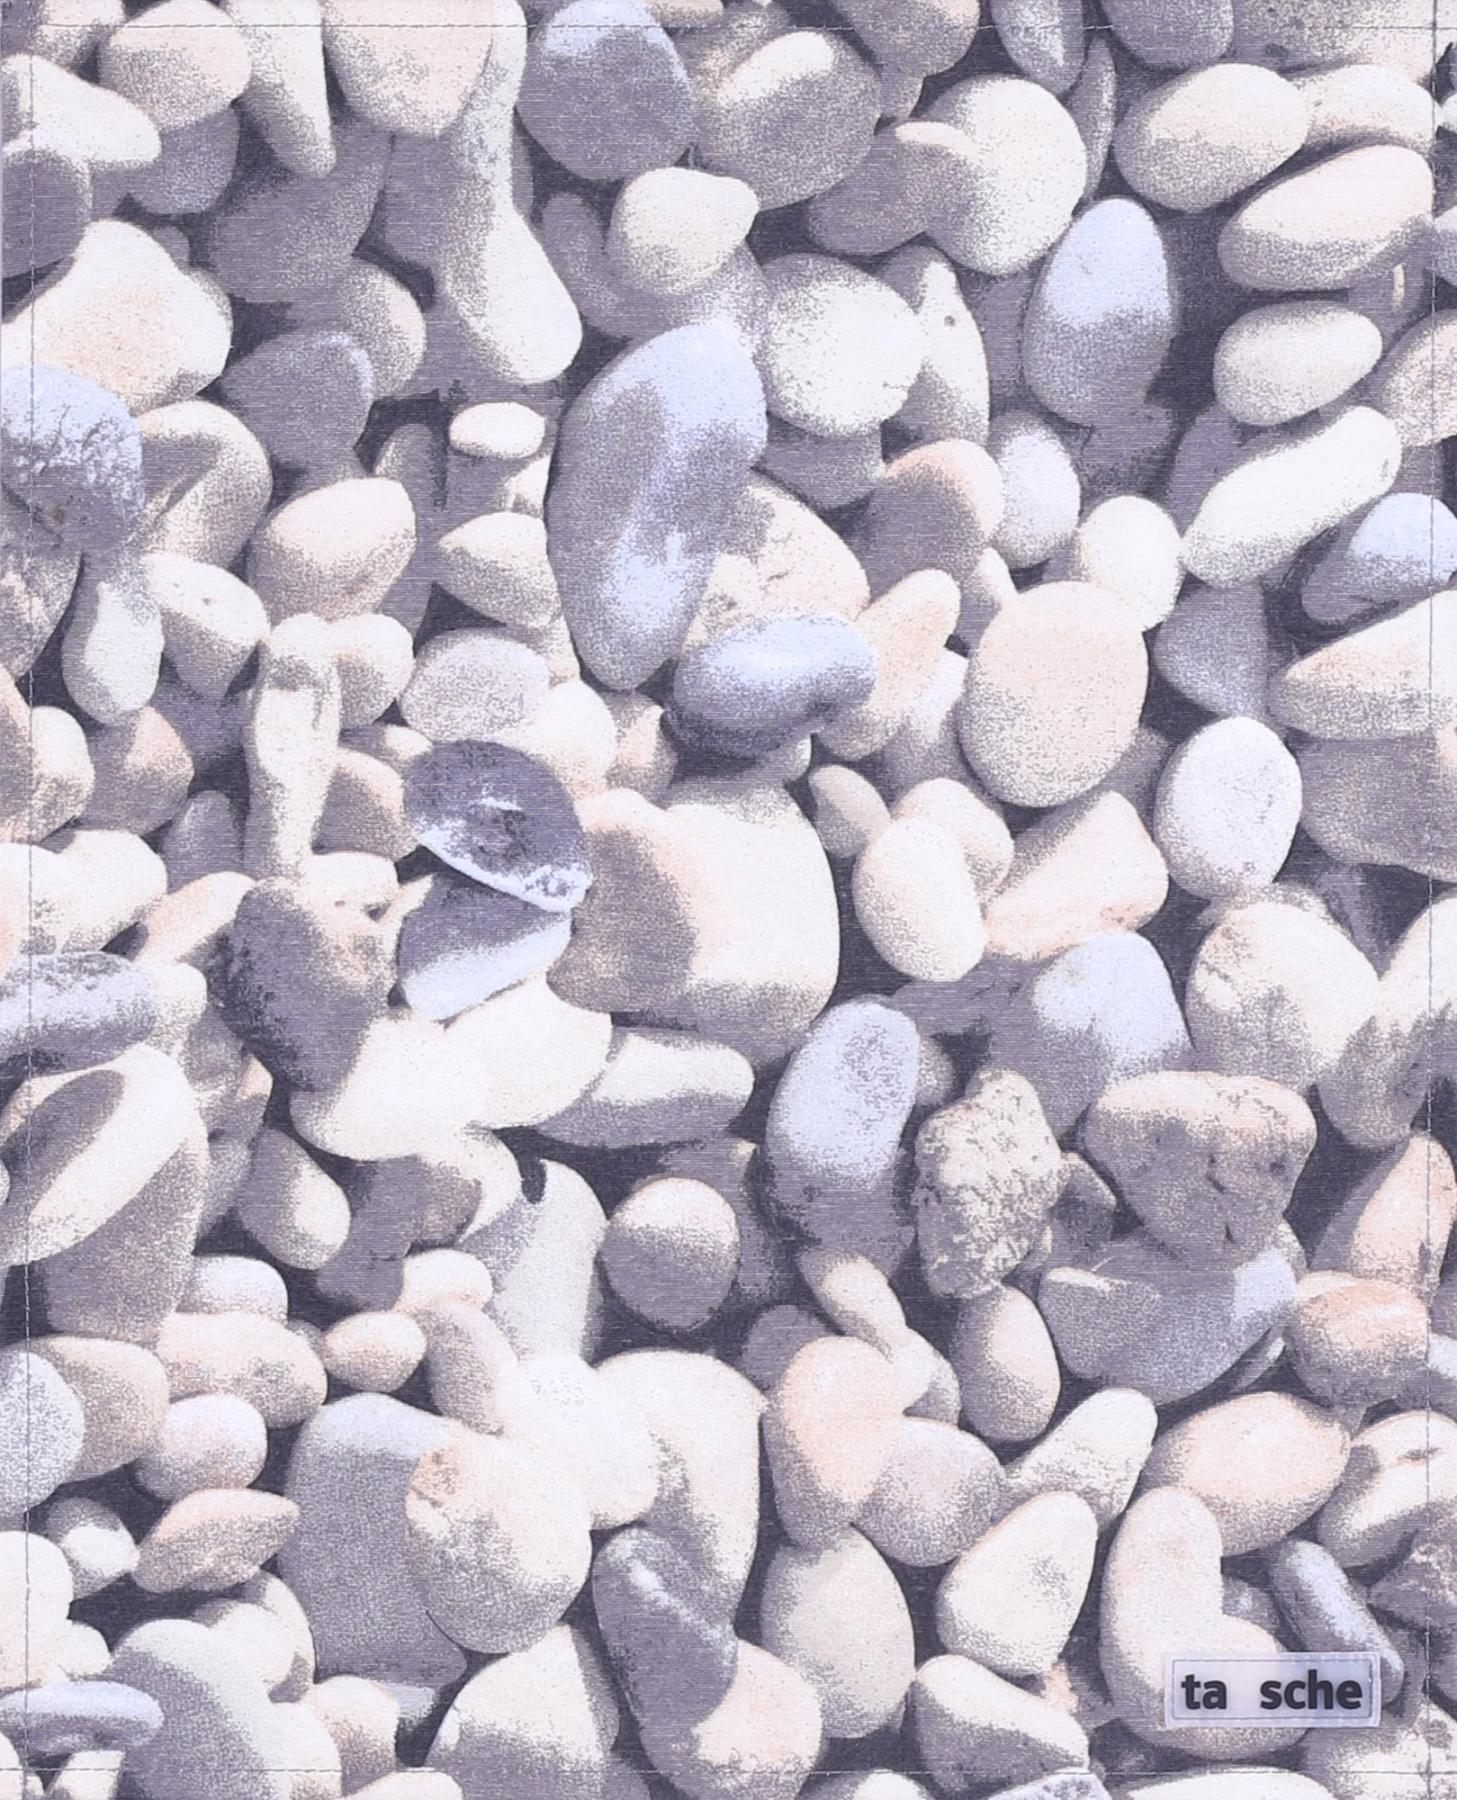 Steine (groß)